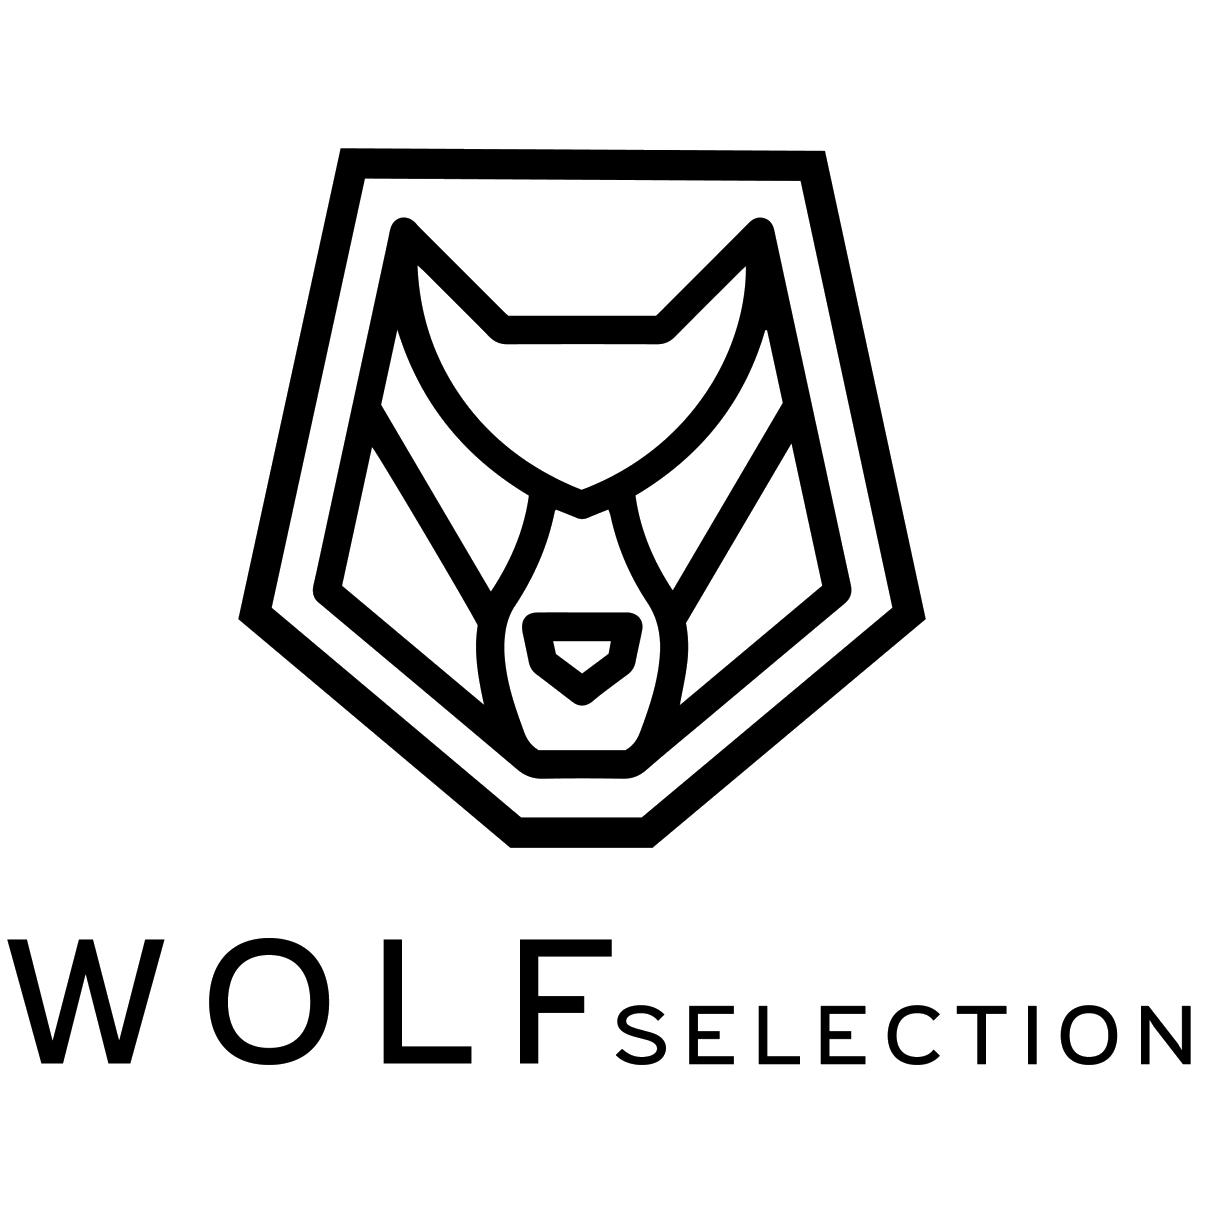 WOLFSELECTION